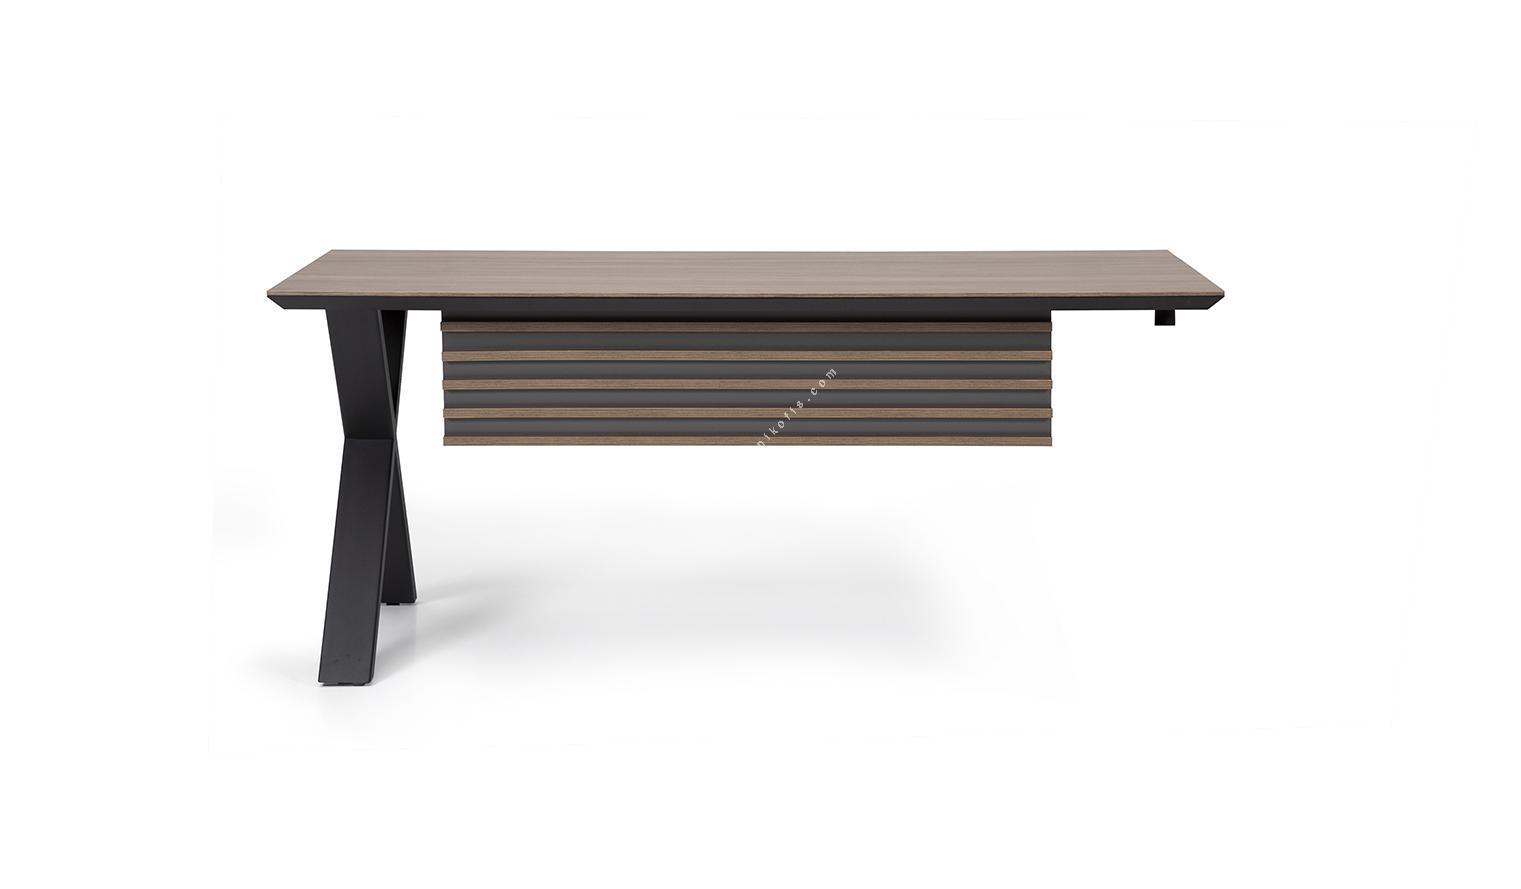 metavias etajerli yönetici masası 180cm